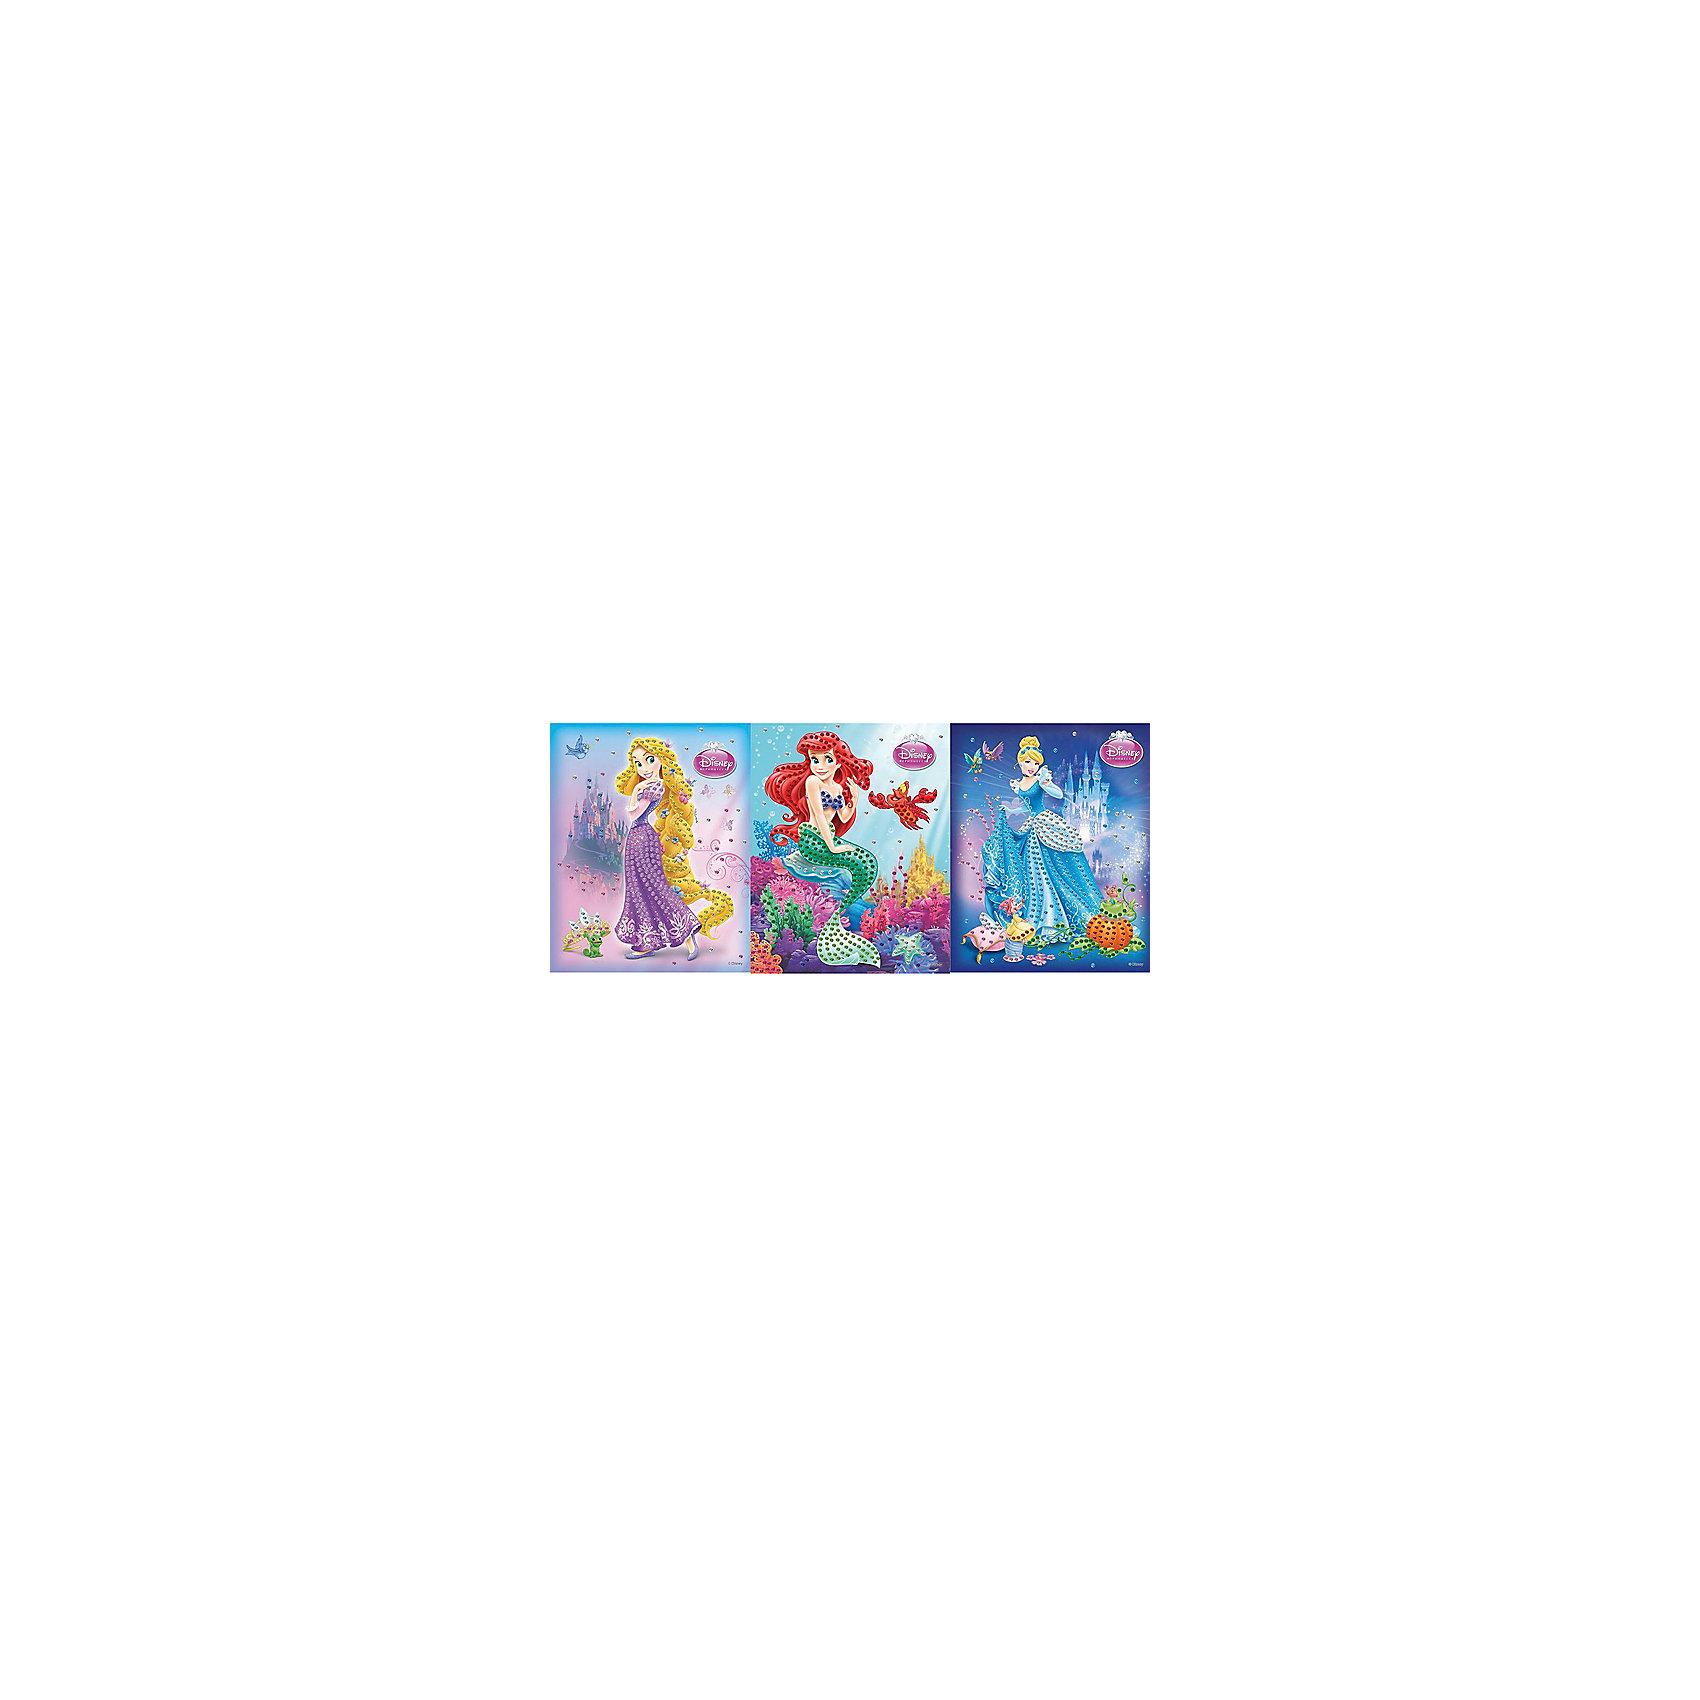 Аппликация из пайеток Принцессы Диснея, Играем вместеМозаика<br>Аппликация из пайеток Принцессы Диснея, Играем вместе – это набор из разноцветных пайеток для украшения картинки, на которой изображена одна из диснеевских принцесс: русалочка Ариэль, длинноволосая Рапунцель или красавица Золушка.<br><br>Дополнительная информация:<br>-Серия: Принцессы Диснея<br>-Вес в упаковке: 130 г<br>-Размеры в упаковке: 230х320х100  мм<br>-Материалы: пластик, картон<br>-Внимание: дизайн картинок в ассортименте (Рапунцель, Ариэль, Золушка) (заранее выбрать невозможно, при заказе нескольких возможно получение одинаковых)<br><br>Набор для создания аппликации из пайеток «Принцессы Диснея» обрадует Вашего ребенка и позволит весело провести время!<br><br>Аппликация из пайеток Принцессы Диснея, Играем вместе можно купить в нашем магазине.<br><br>Ширина мм: 230<br>Глубина мм: 320<br>Высота мм: 100<br>Вес г: 130<br>Возраст от месяцев: 60<br>Возраст до месяцев: 108<br>Пол: Женский<br>Возраст: Детский<br>SKU: 4079320